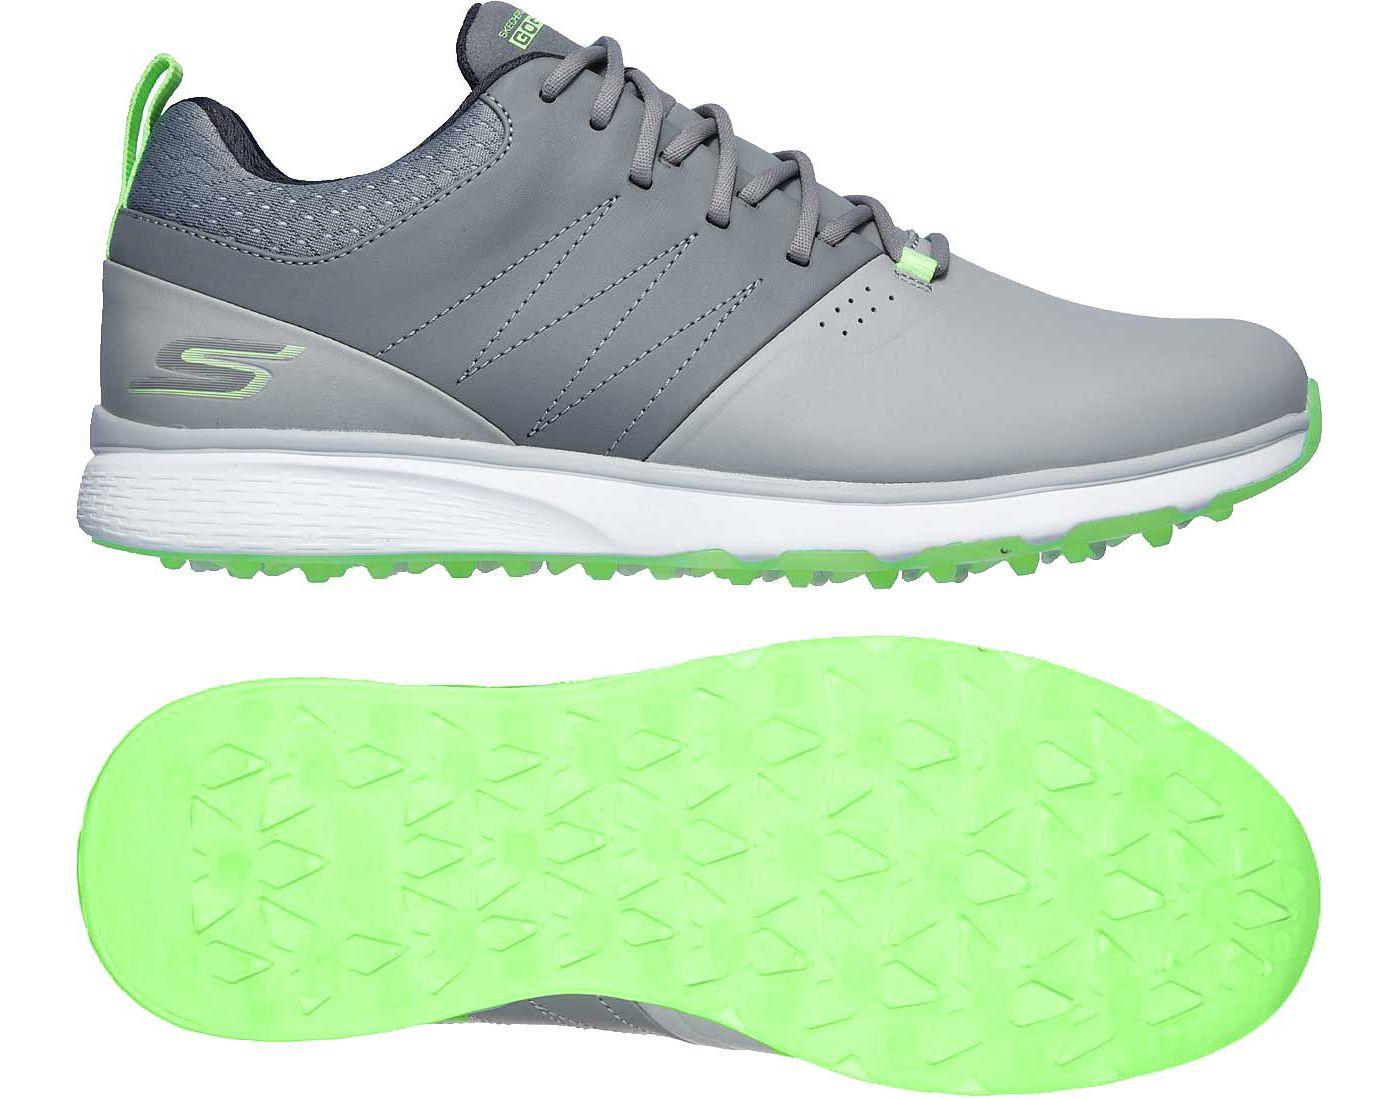 Skechers Men's GO GOLF Mojo Punch Shot Golf Shoes